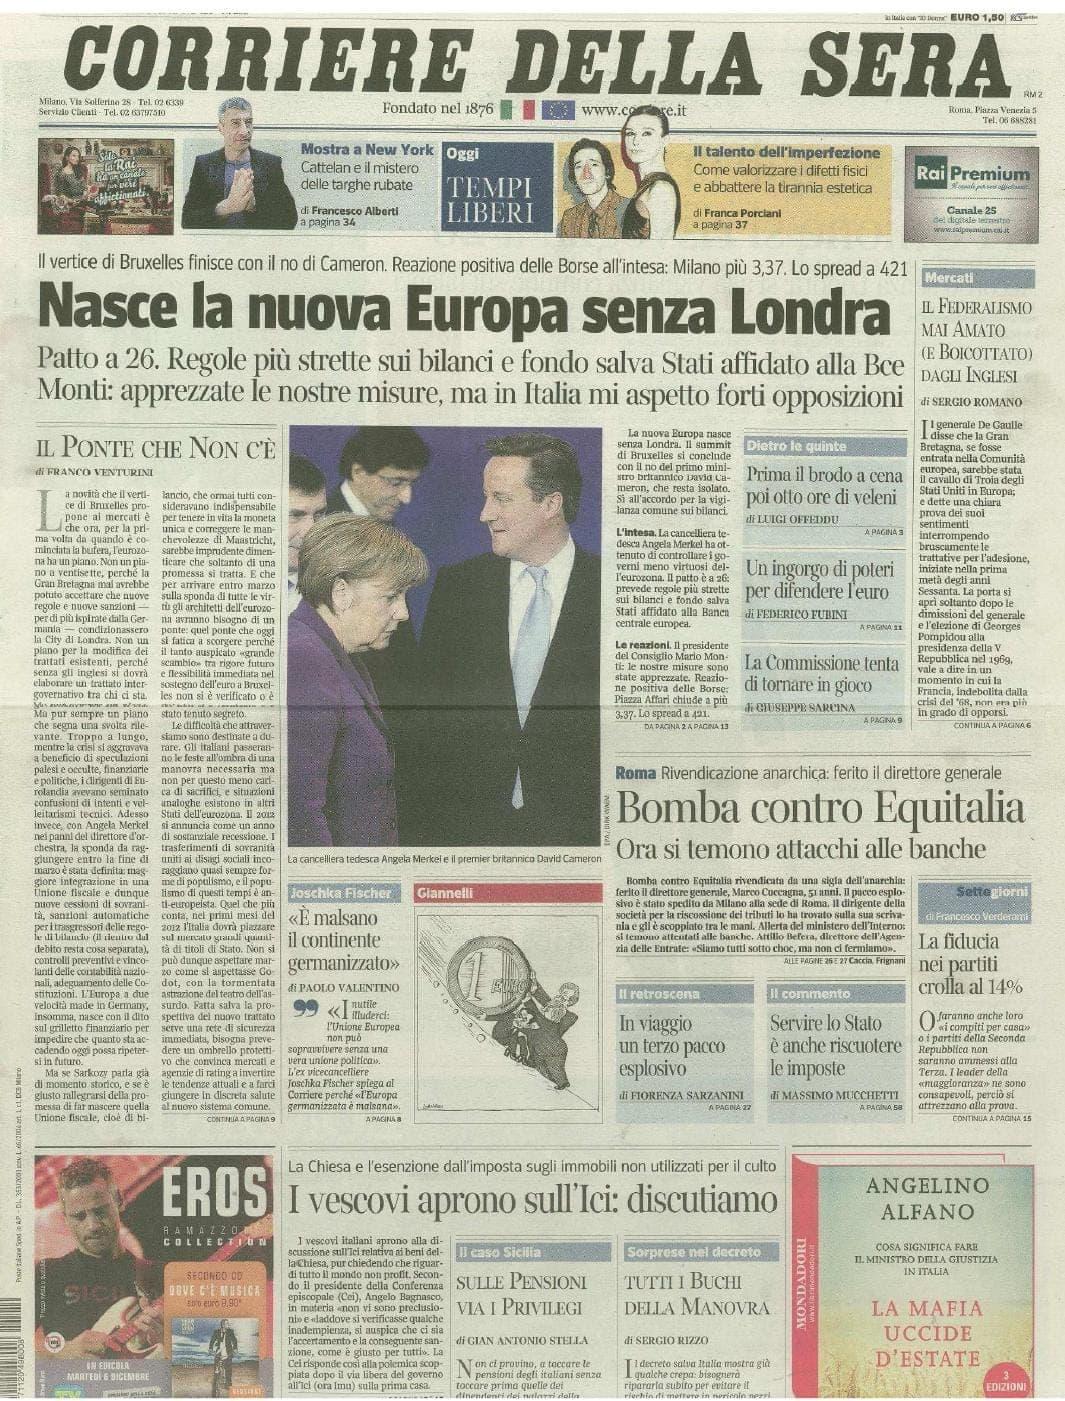 Dicembre 2011 - Corriere della sera